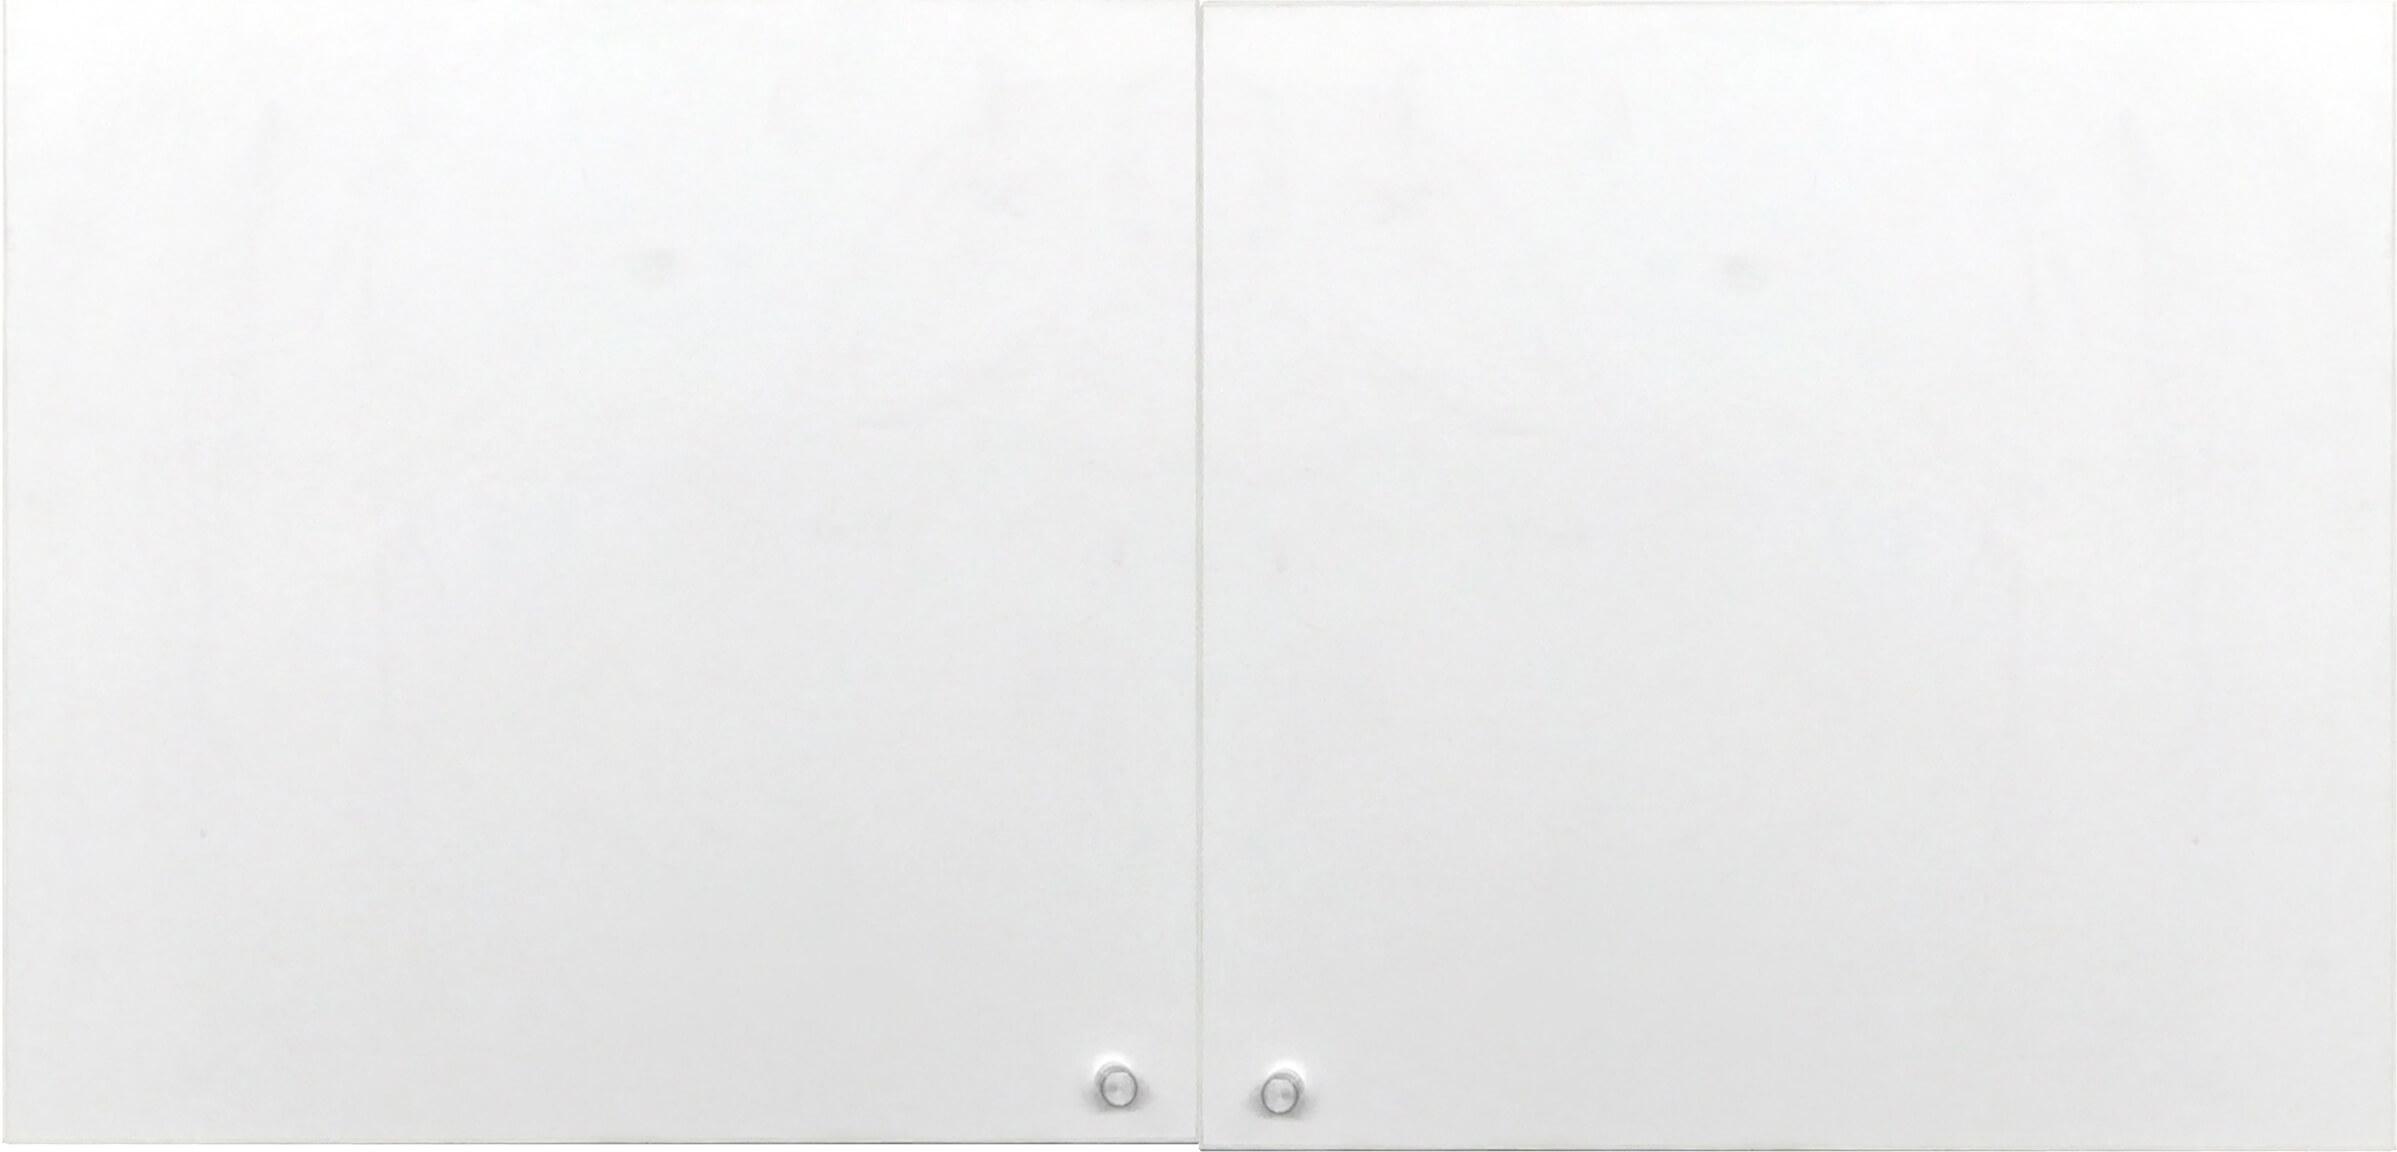 Full Size of Ikea Griffe Edelstahl Blankett Anbringen Griff Alternative Griffeltavla 395 595 Schrank Leder Schwarz Effektiv Tren Paar In Wei 40x38cm Inkl Küche Miniküche Wohnzimmer Ikea Griffe